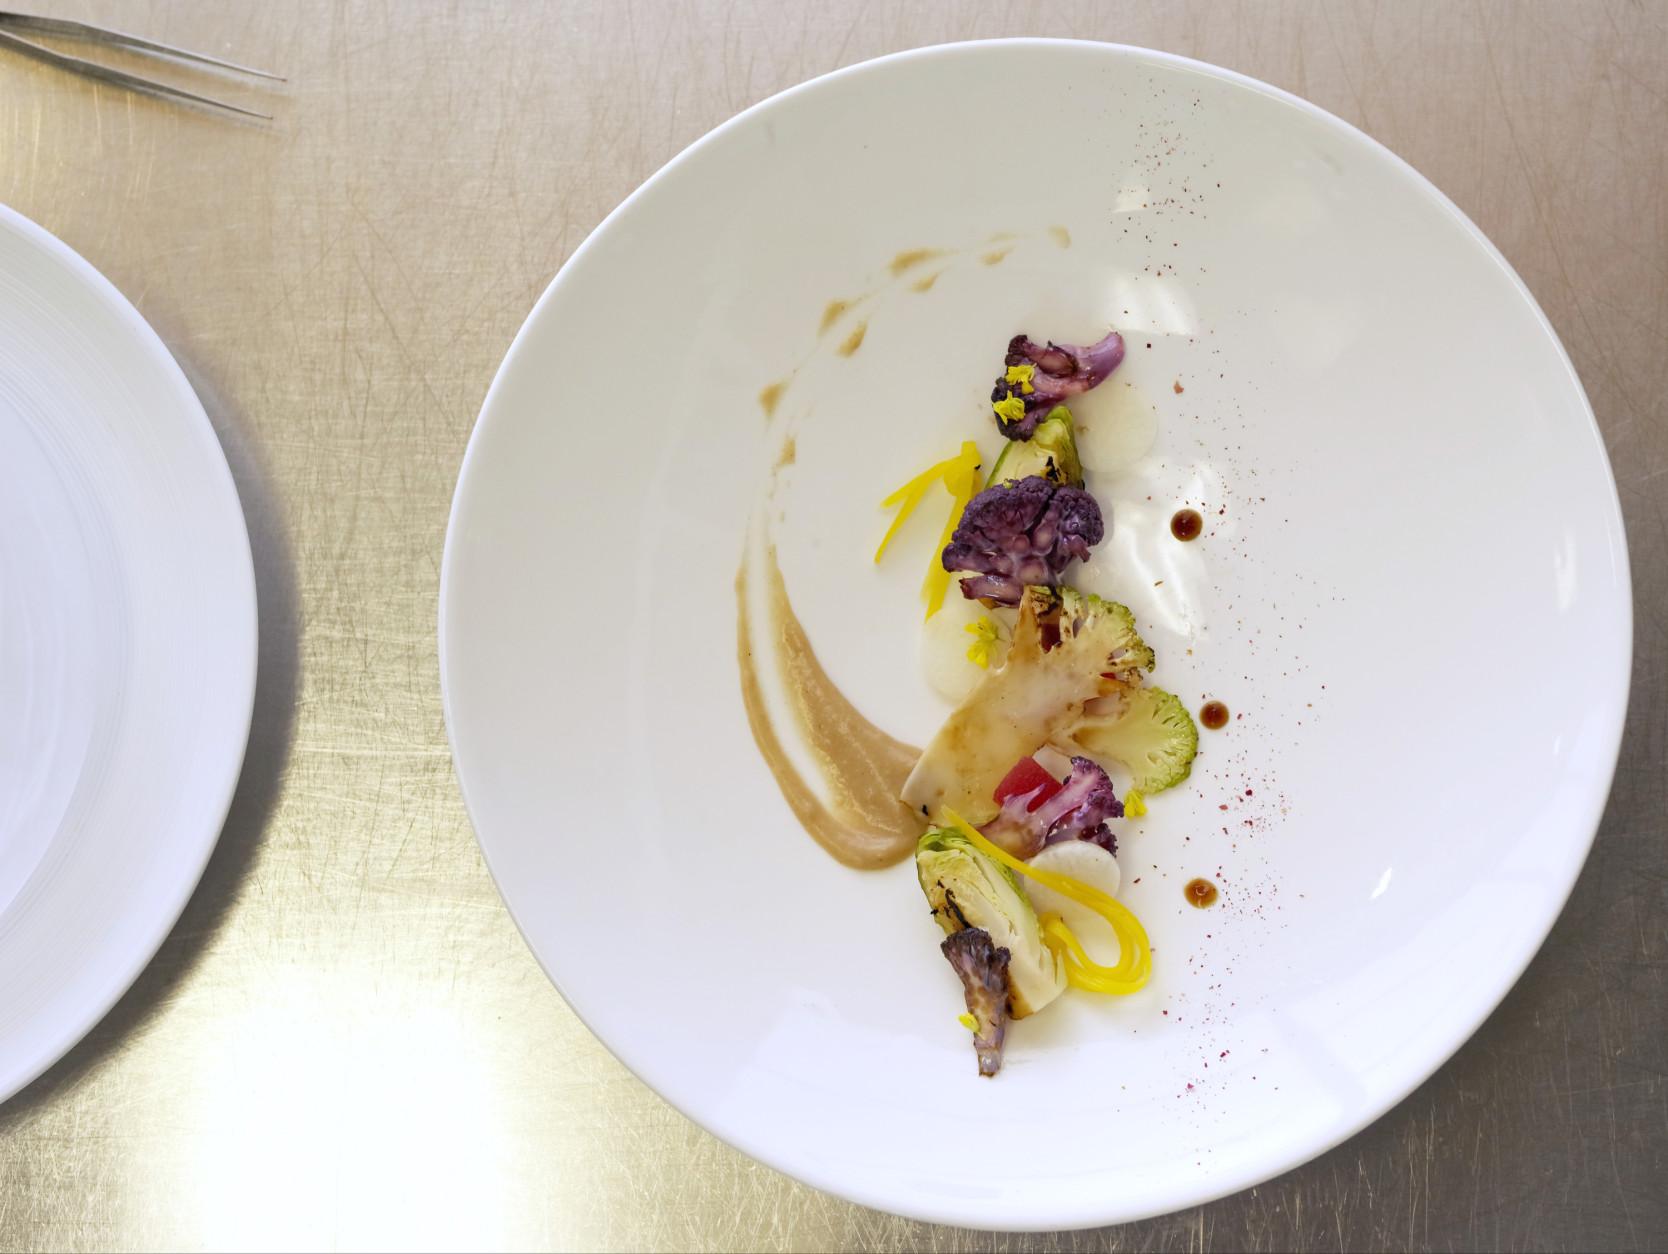 & Making lettuce luxury: Vegetarian menus succeed in fine dining | WTOP